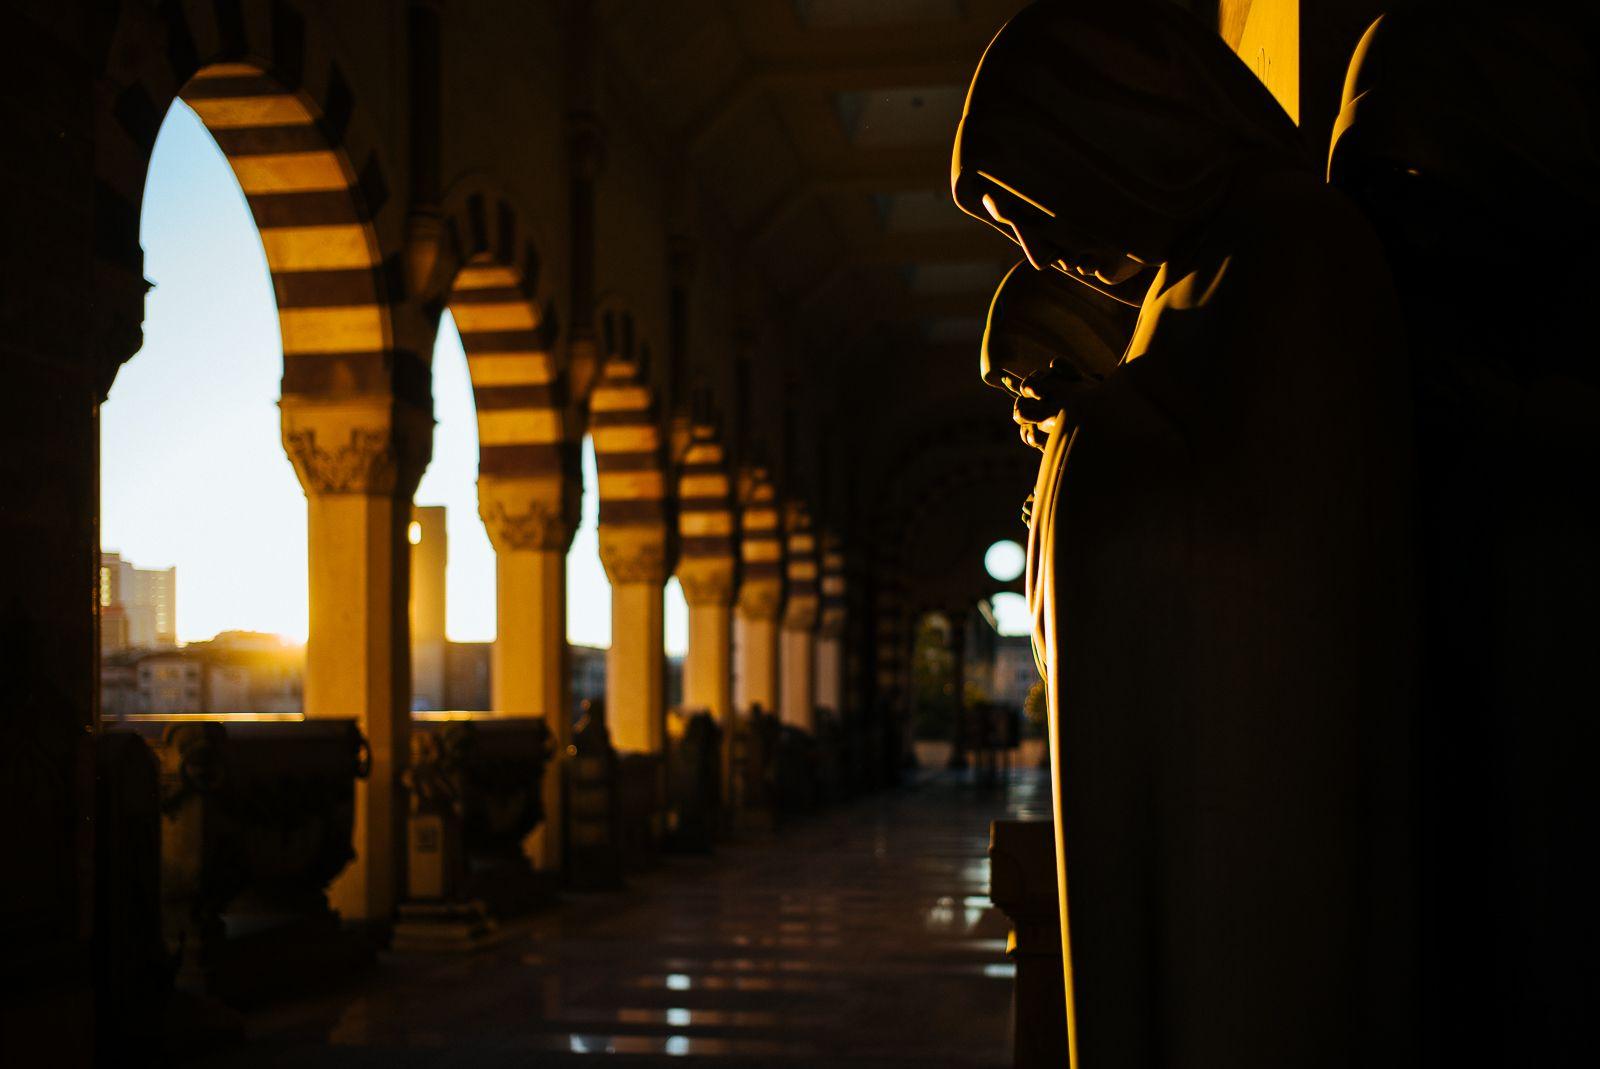 cimitero-monumentale-di-milano-foto-poche-storie.jpg